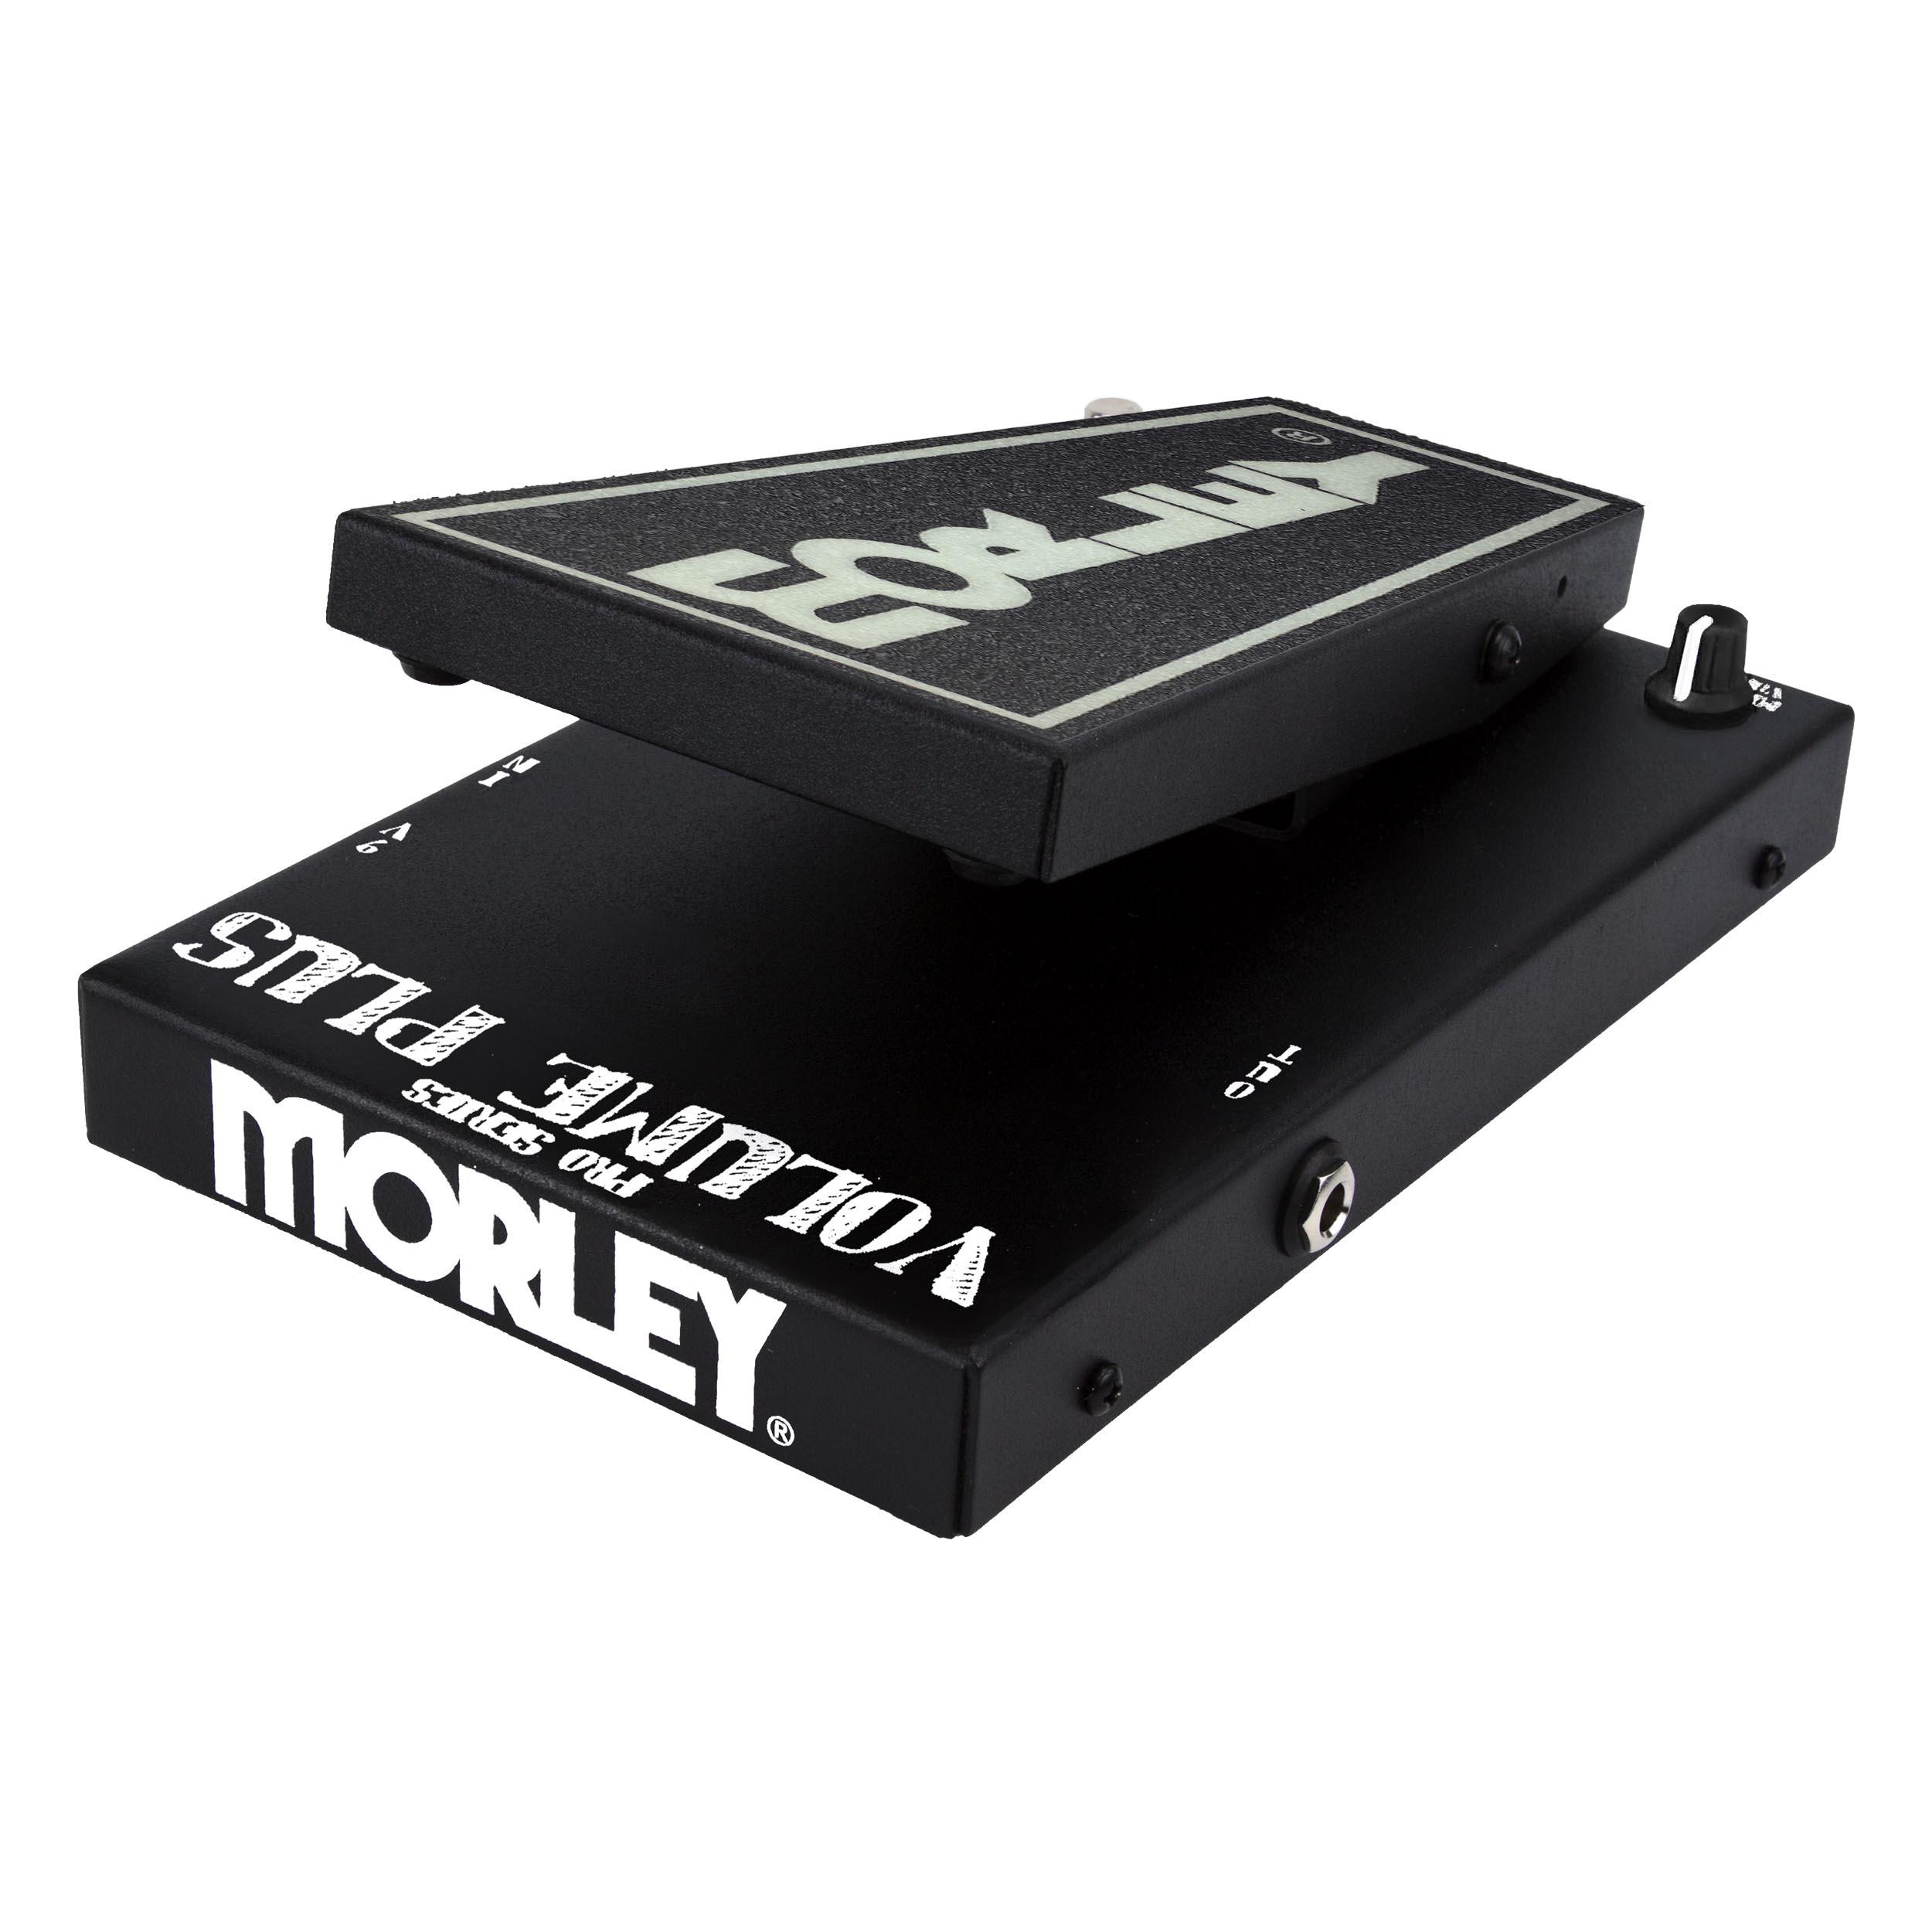 morley volume plus pedal 664101000385 ebay. Black Bedroom Furniture Sets. Home Design Ideas